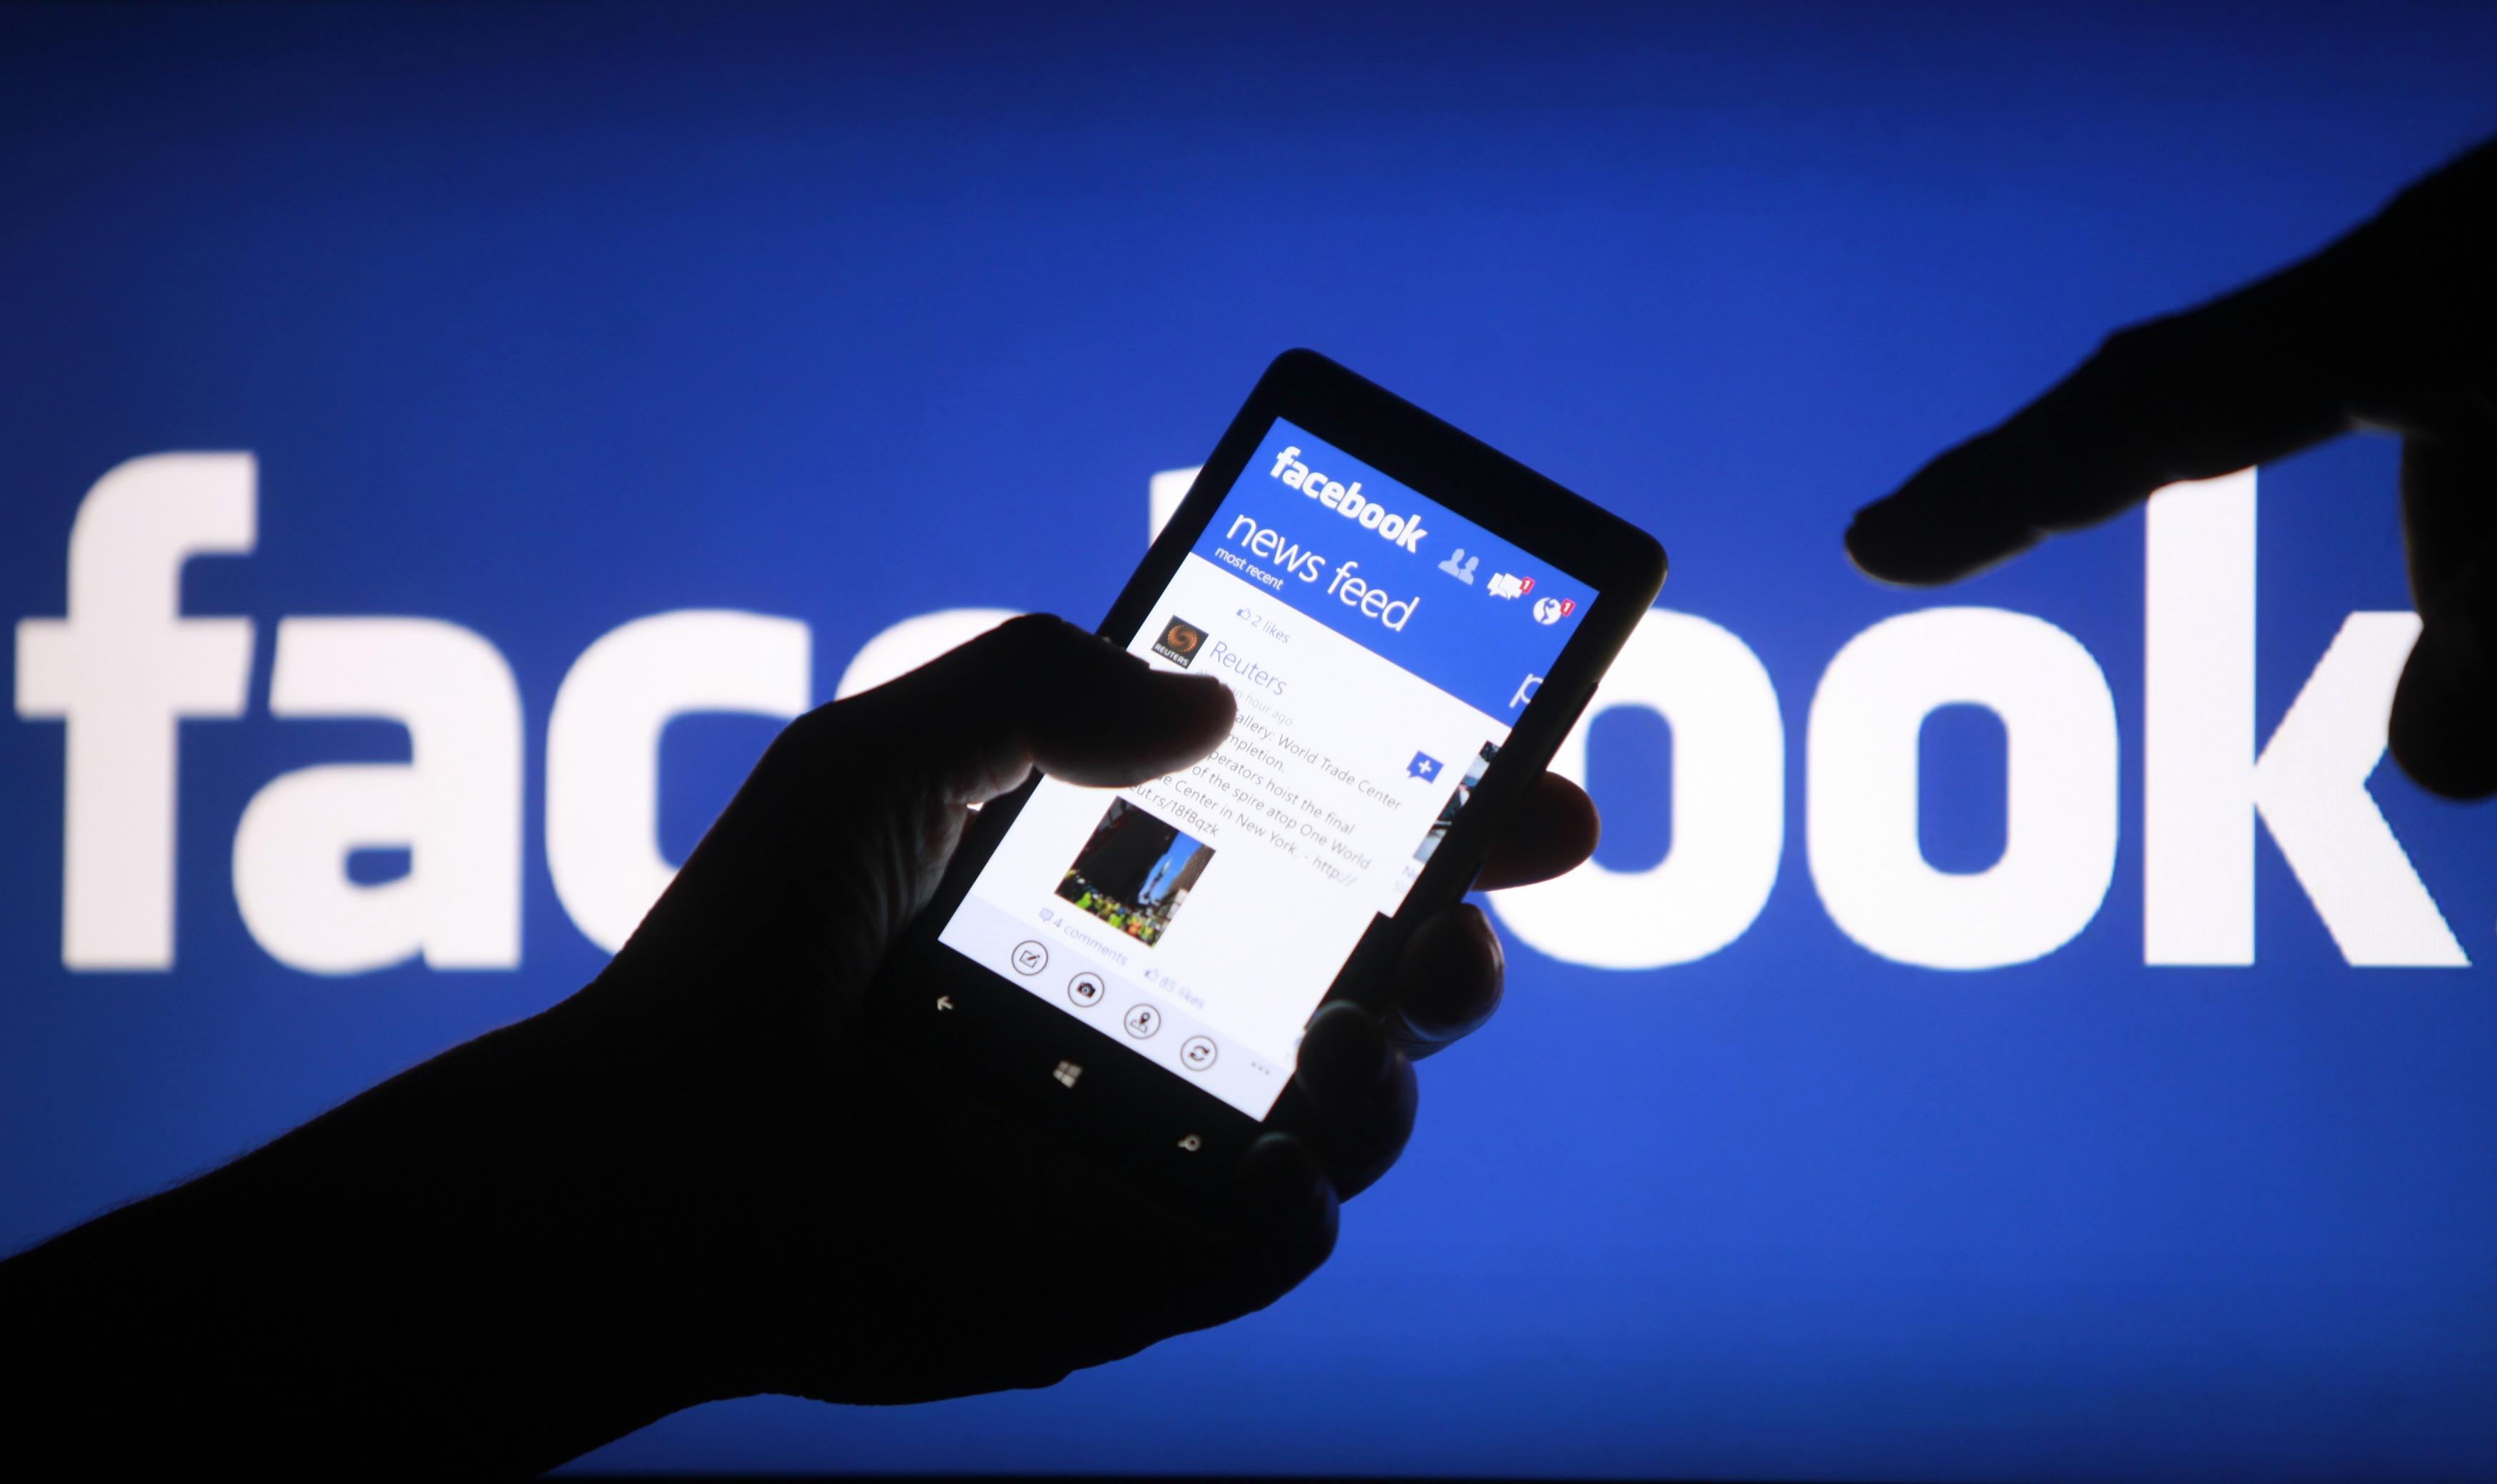 اینترنت یا فیسبوک کاربران کدامیک بیشتر است!؟